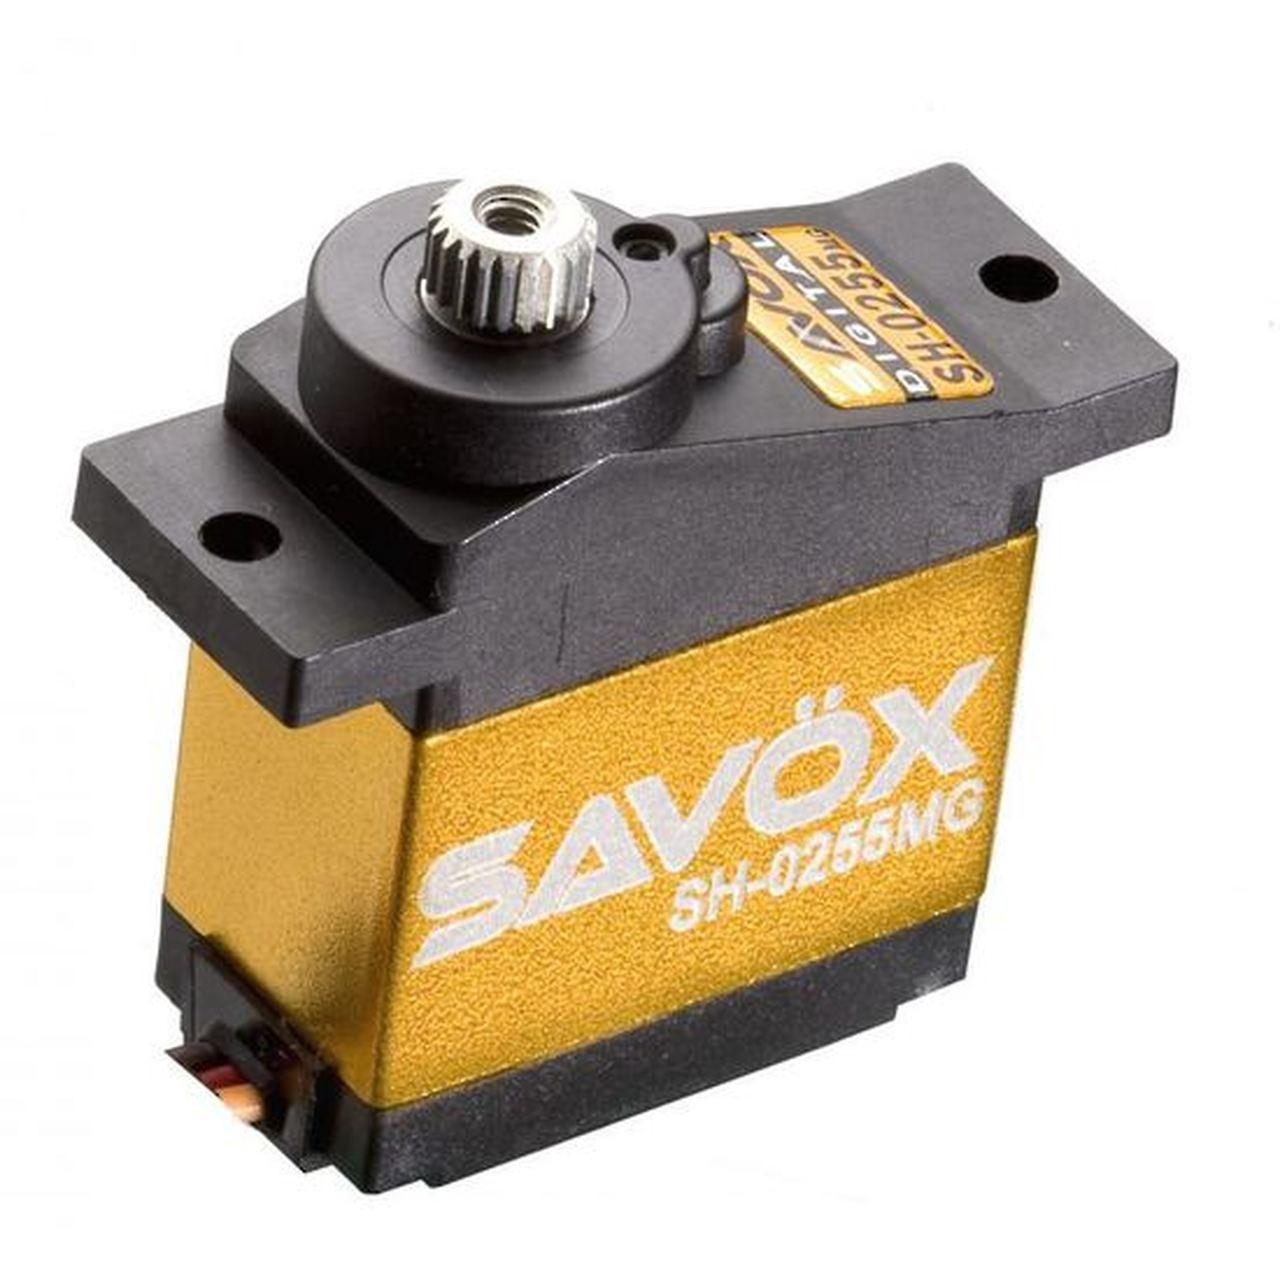 Savox #SH-0255MG Metal Gear Micro Digital Servo